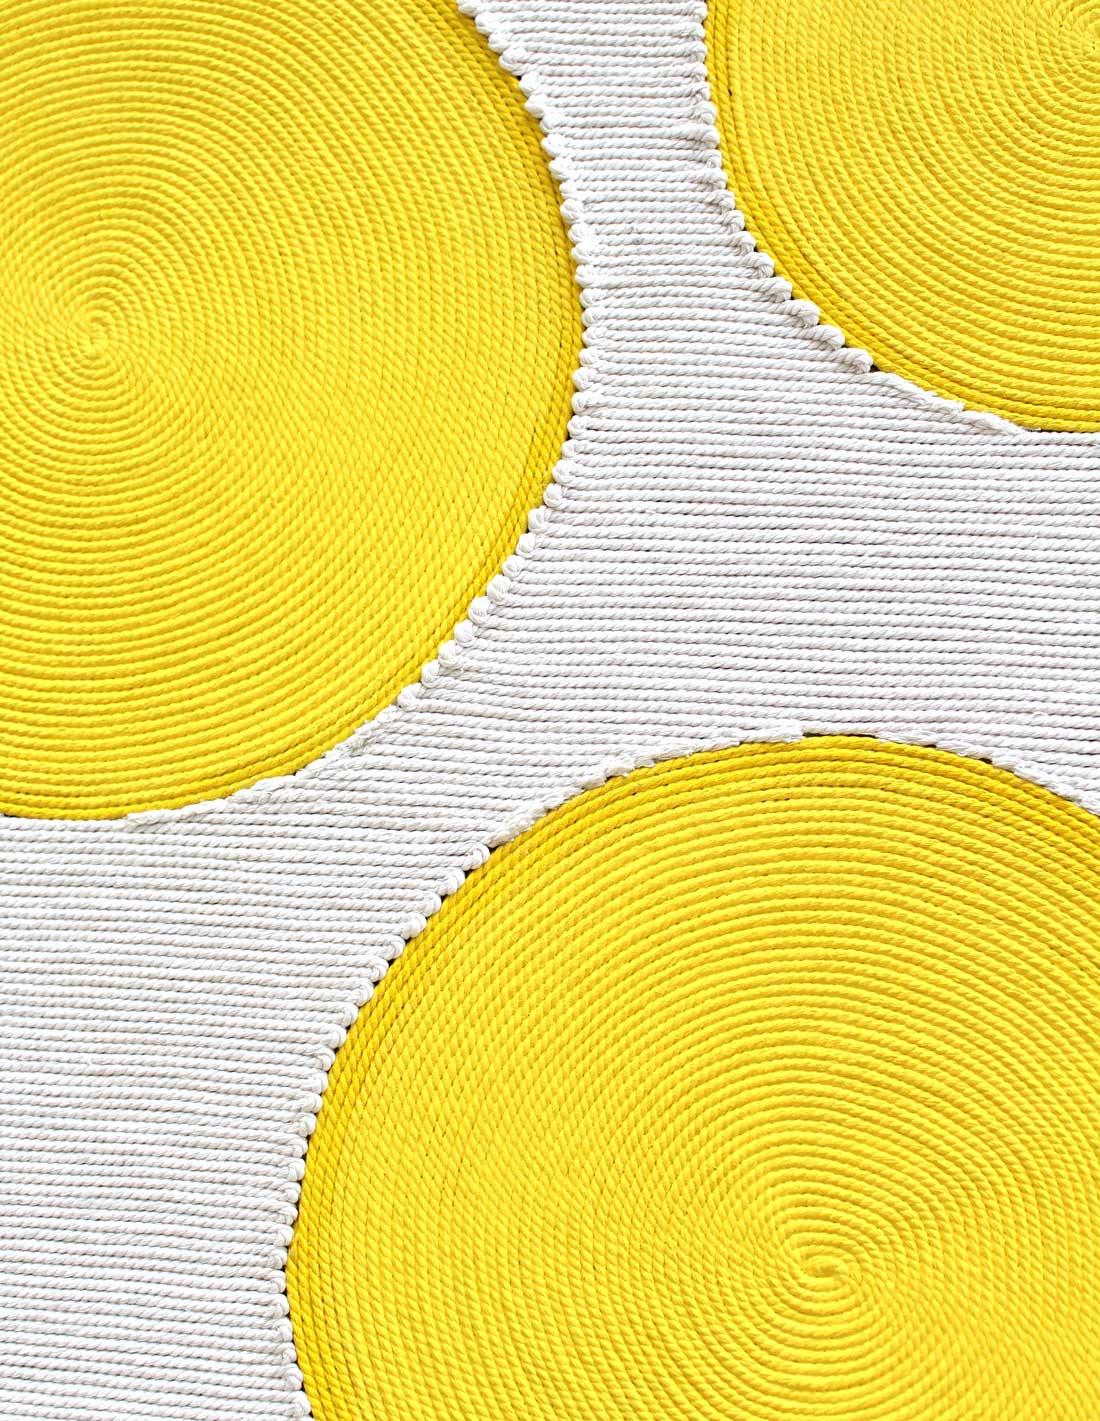 mimosa-close-up